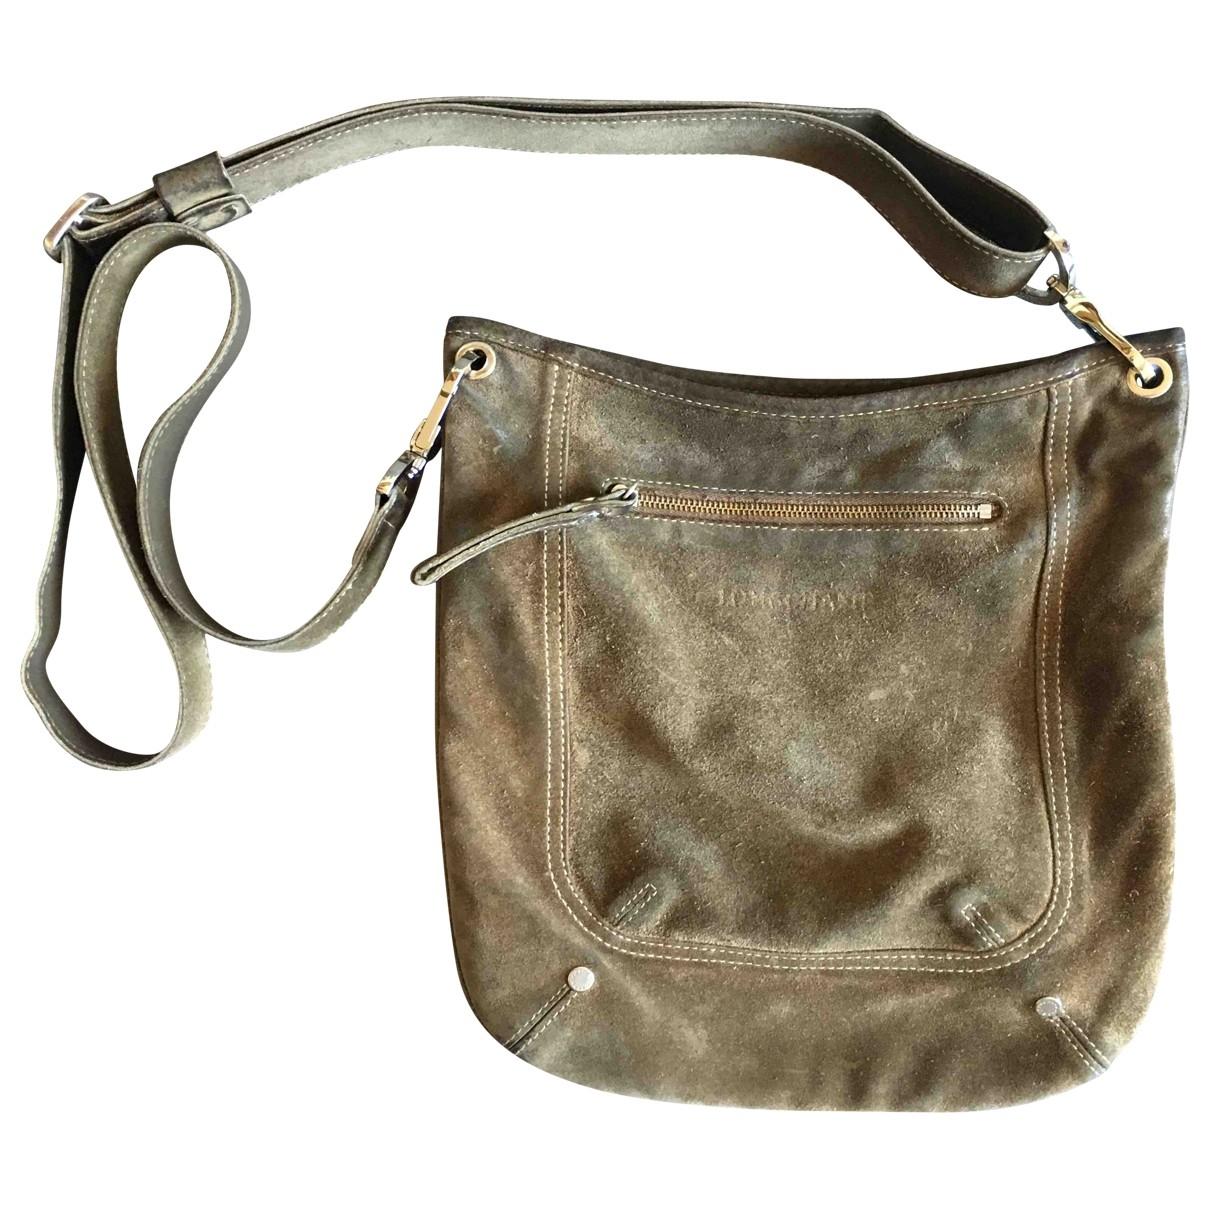 Longchamp \N Handtasche in  Braun Veloursleder